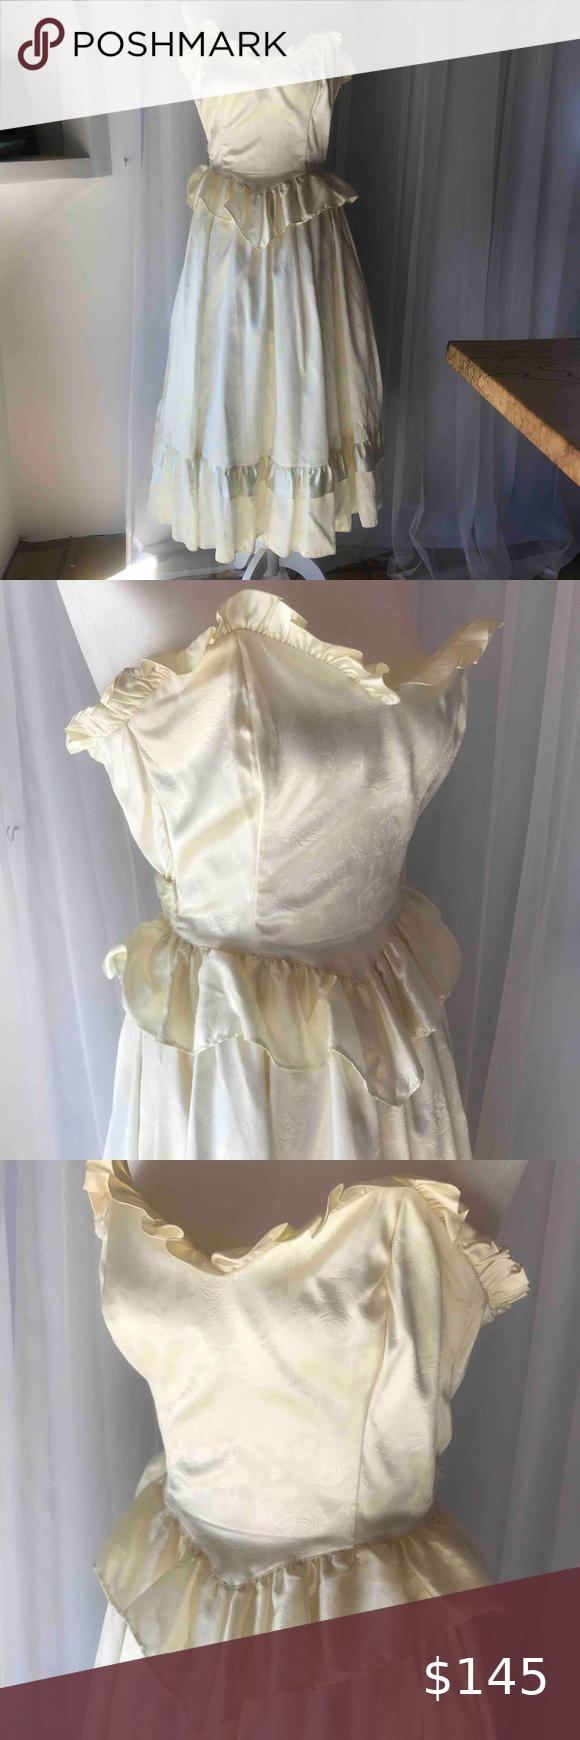 Gunne Sax Vintage 80s Prom Dress Vintage Gunne Sax Dress 80s Prom Dress Prom Dresses [ 1740 x 580 Pixel ]